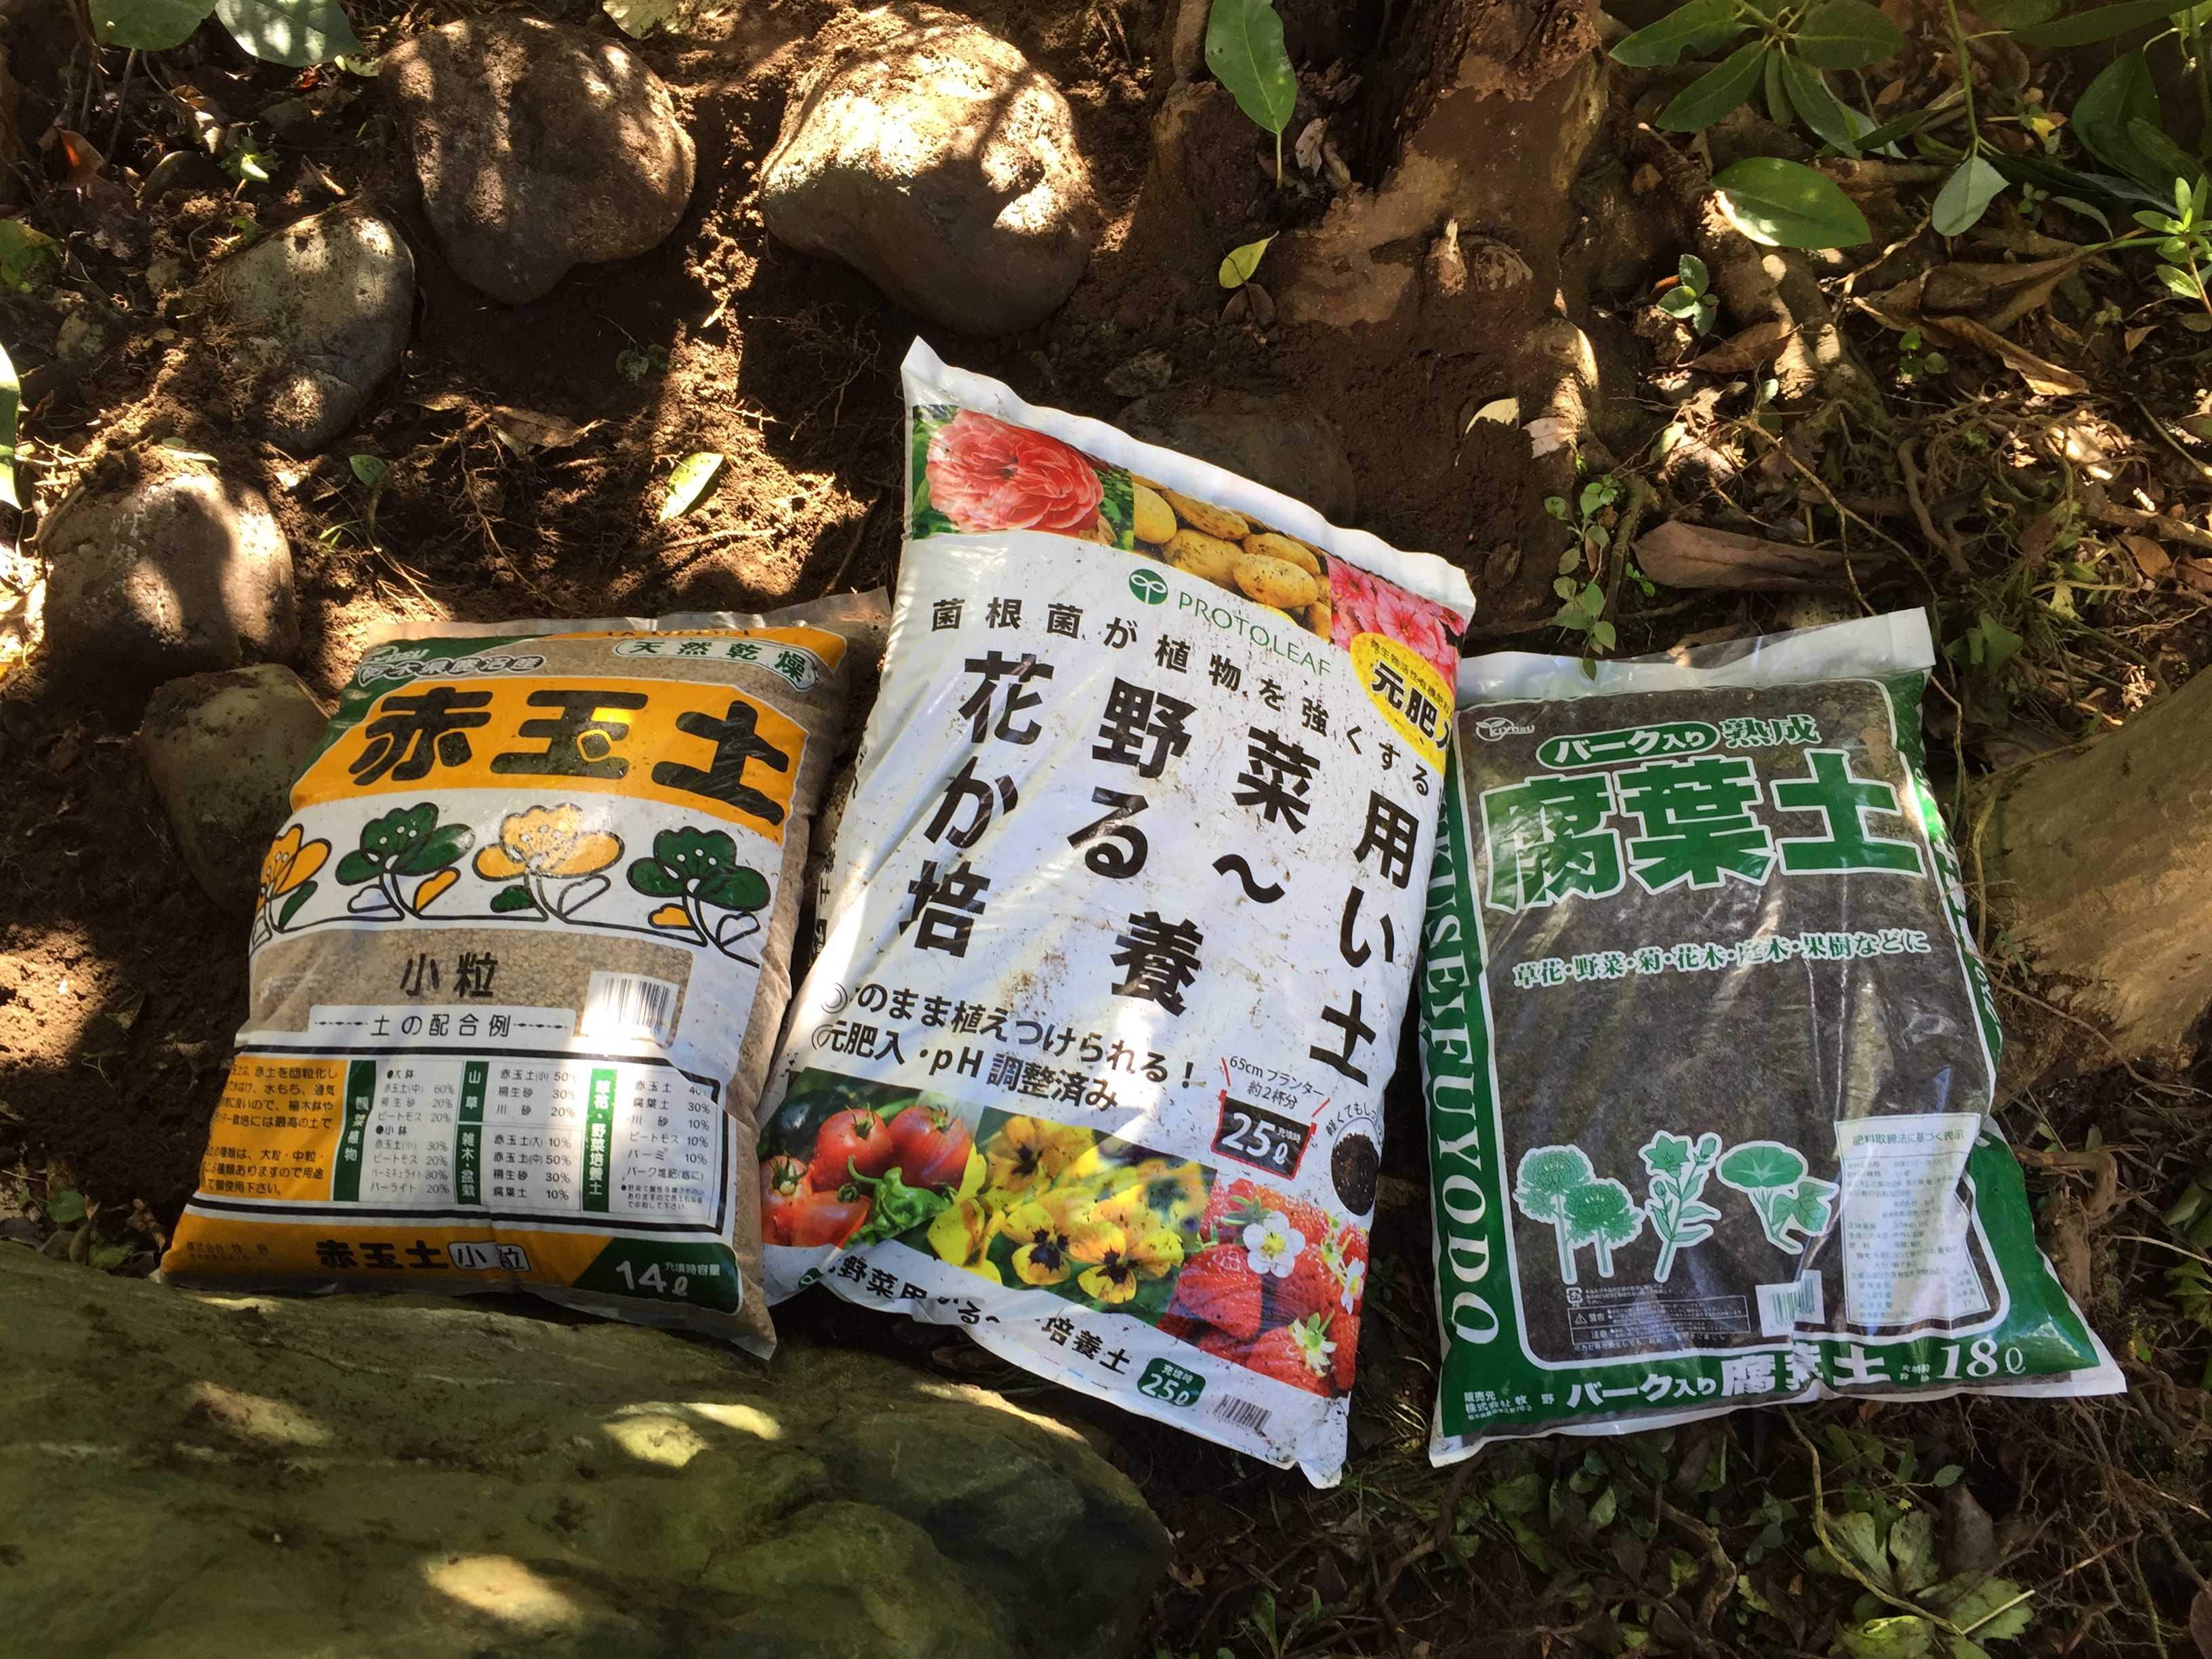 ヤマユリ庭植え - 赤玉土、培養土、腐葉土のブレンド土